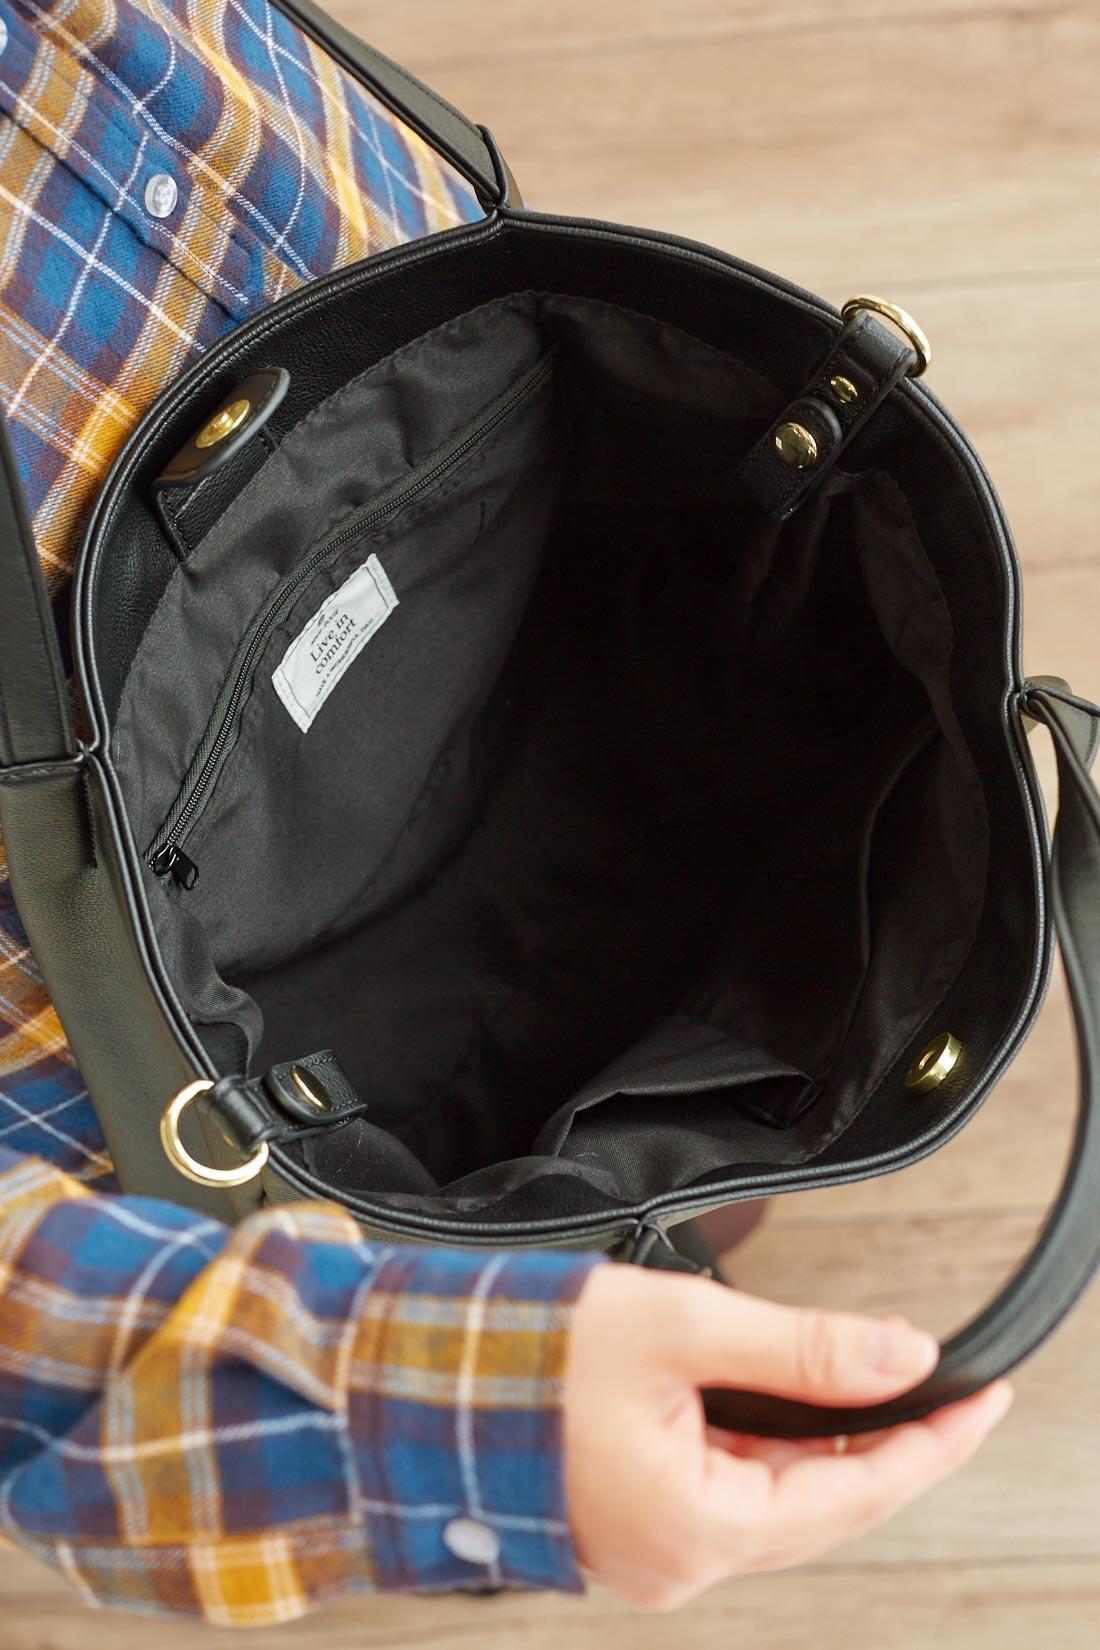 仕切りポケットが2つ、ファスナーポケットが1つ。間口はマグネット仕様で使いやすい。